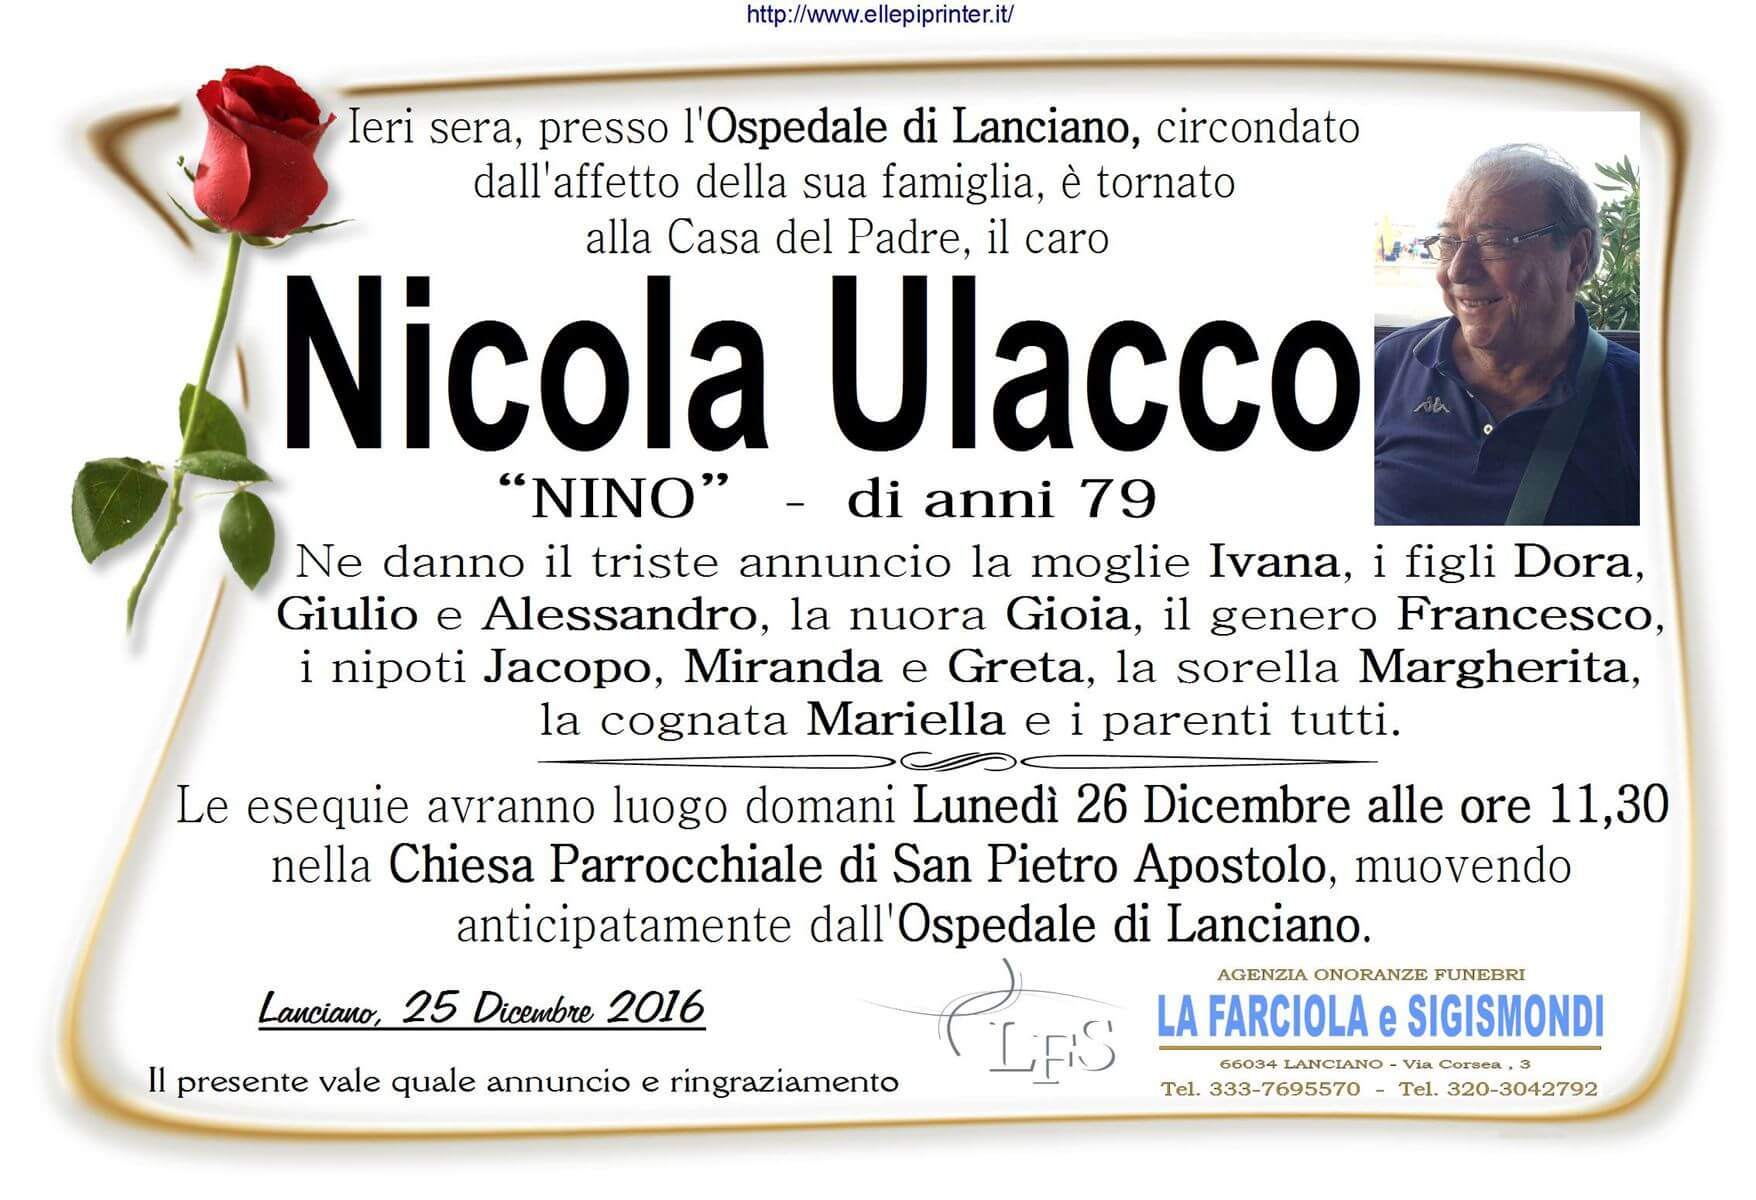 MANIFESTO FUNERALE ULACCO LANCIANO